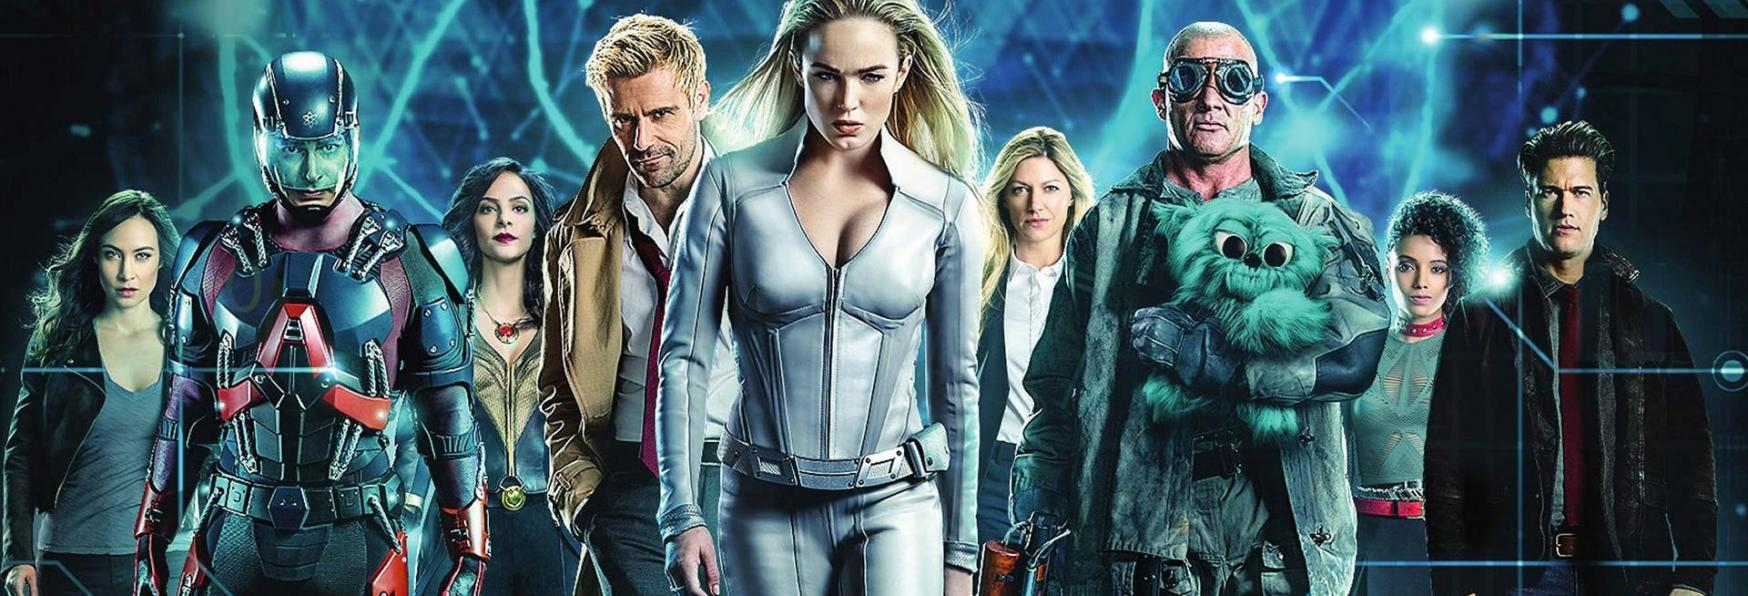 DC's Legends of Tomorrow: Recensione della Serie TV targata The CW